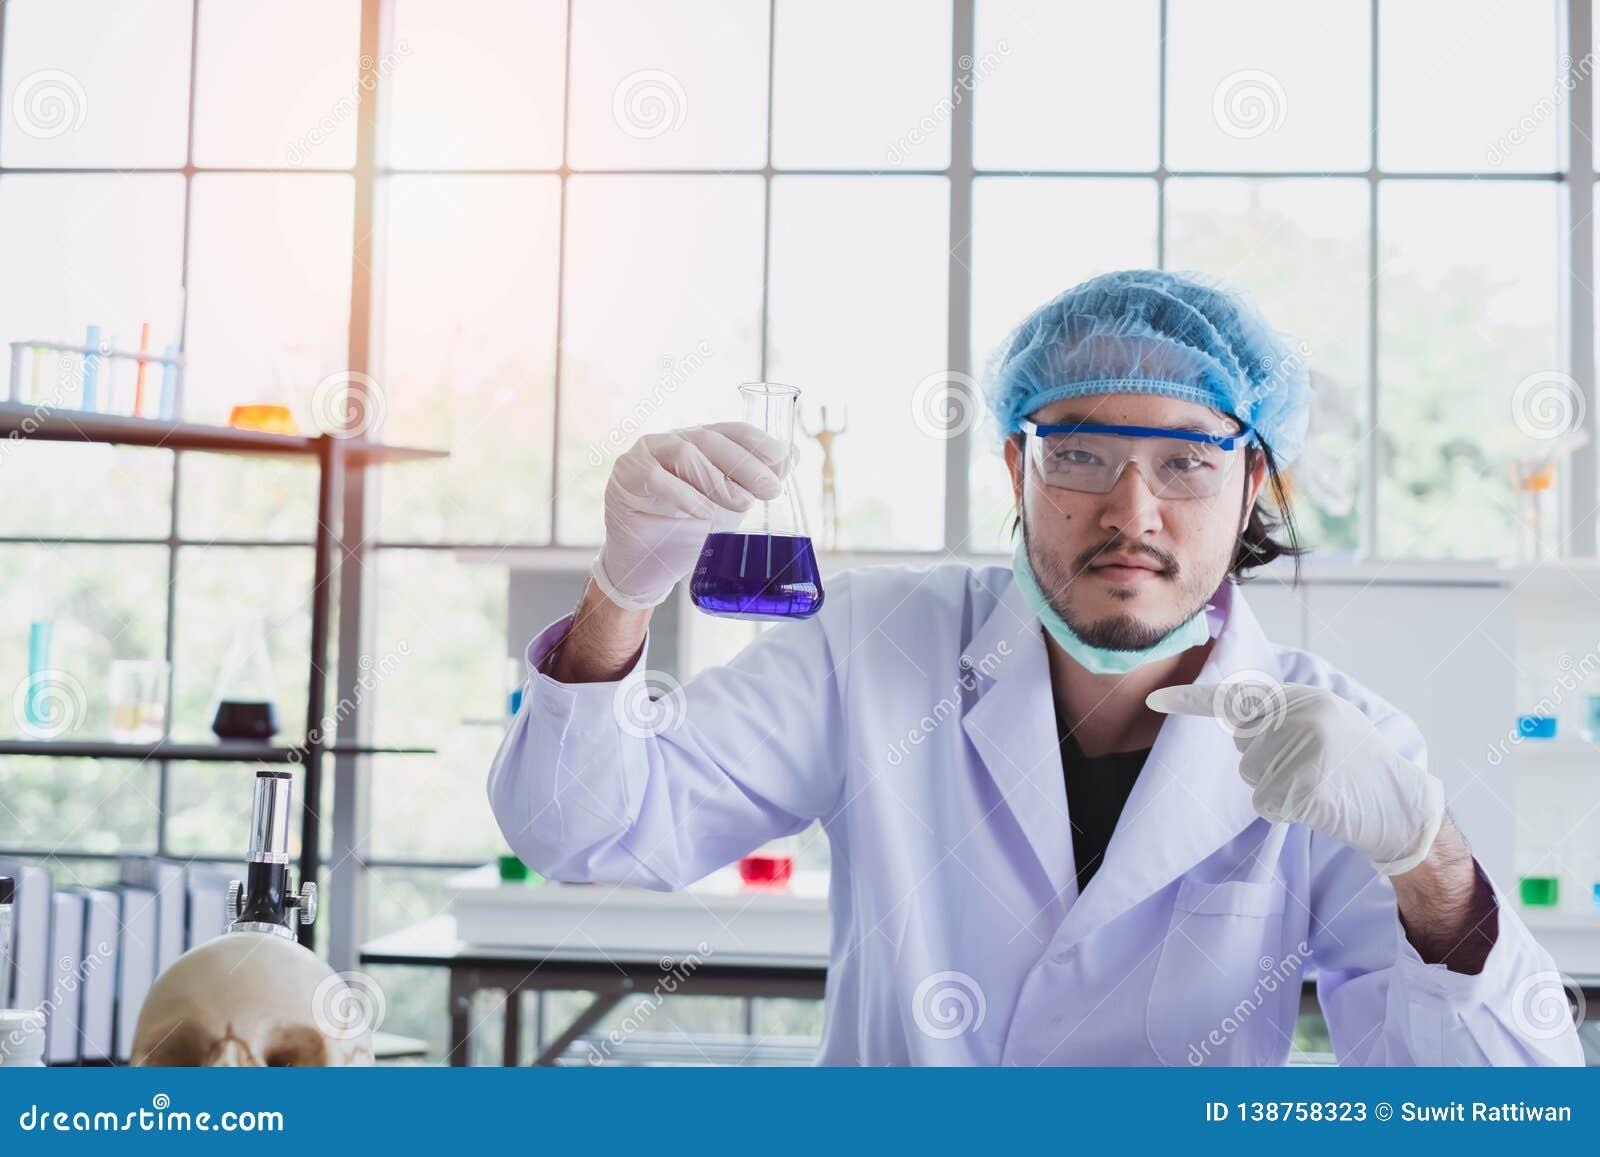 Успешный мужской химик рассматривает его новое нововведение в лаборатории